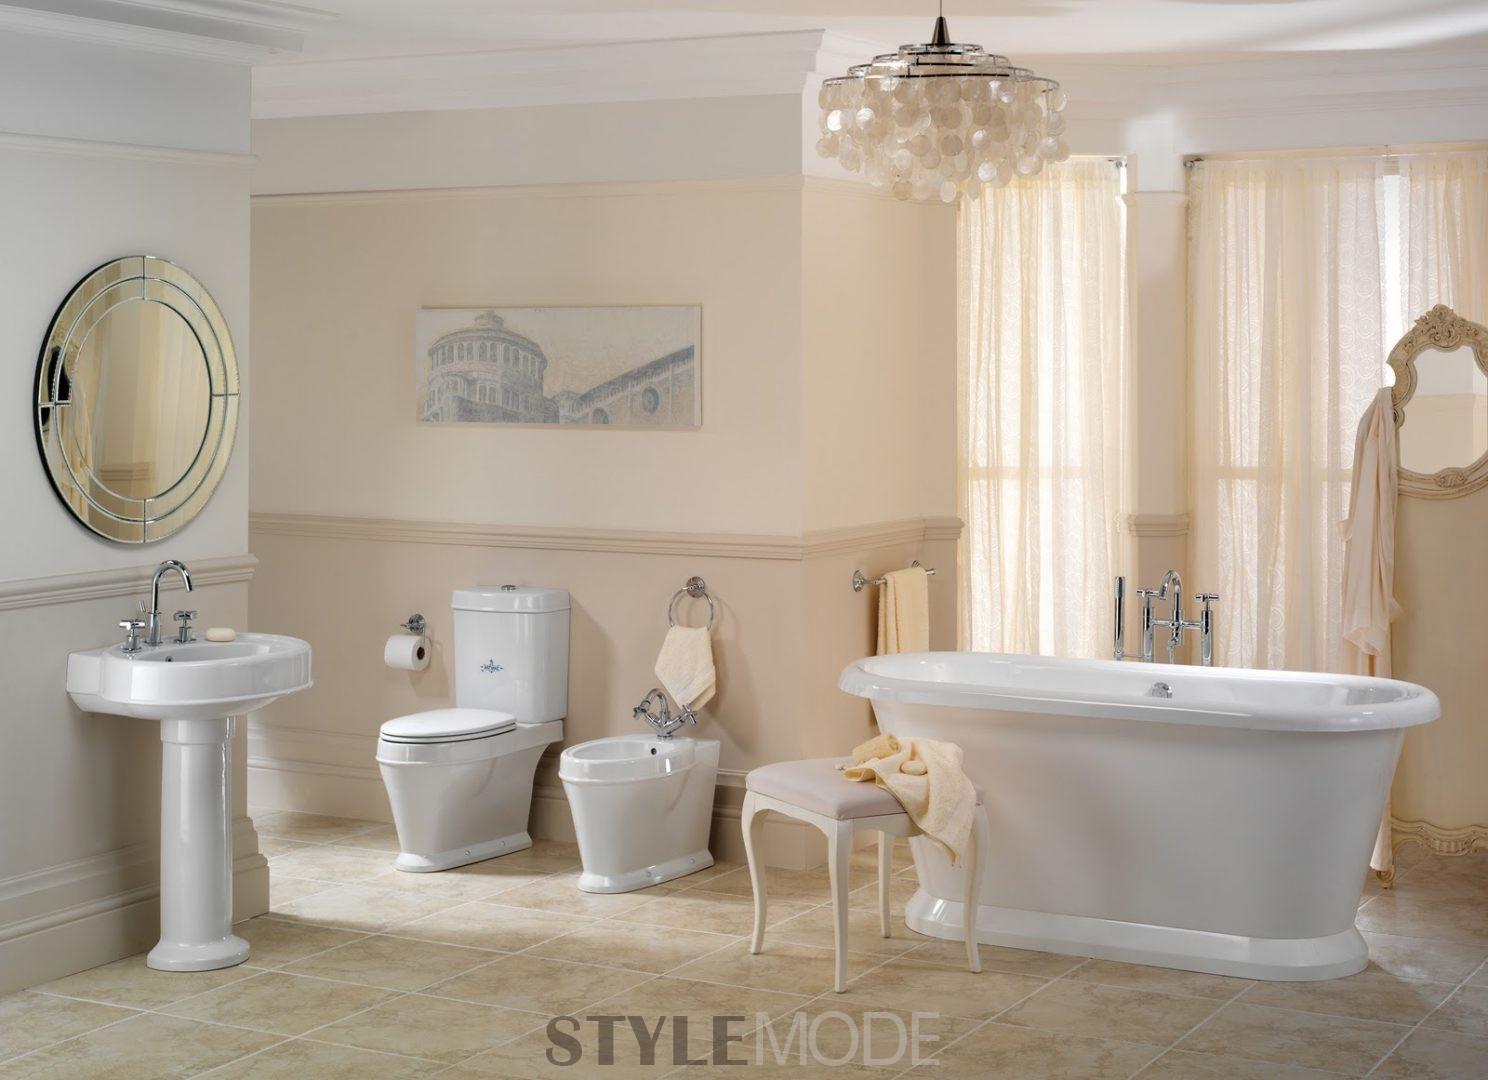 18款最好的浴室装修设计方案 洗浴也有好心情_湖南_